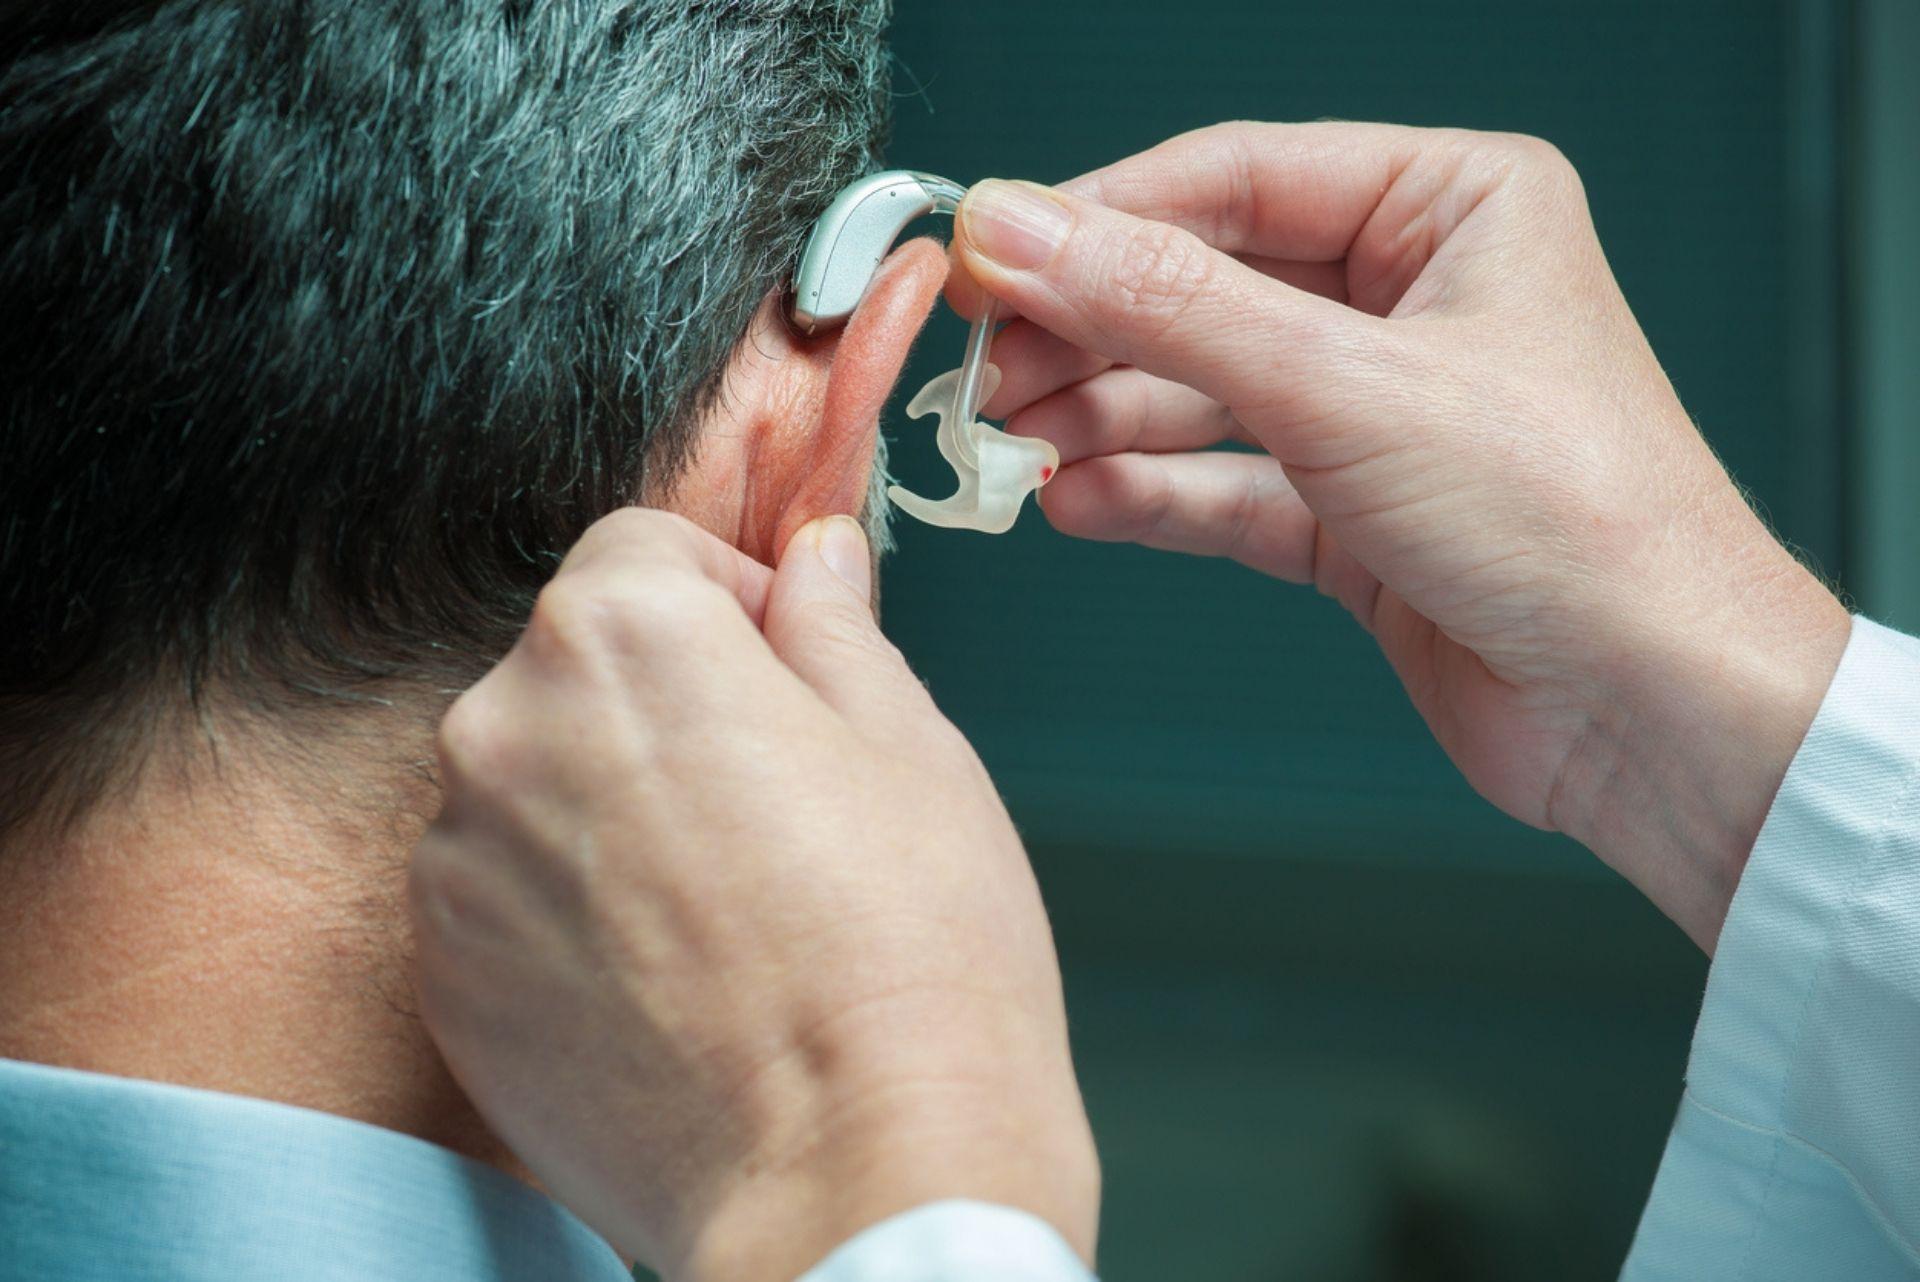 Quelles sont les meilleures aides auditives ?